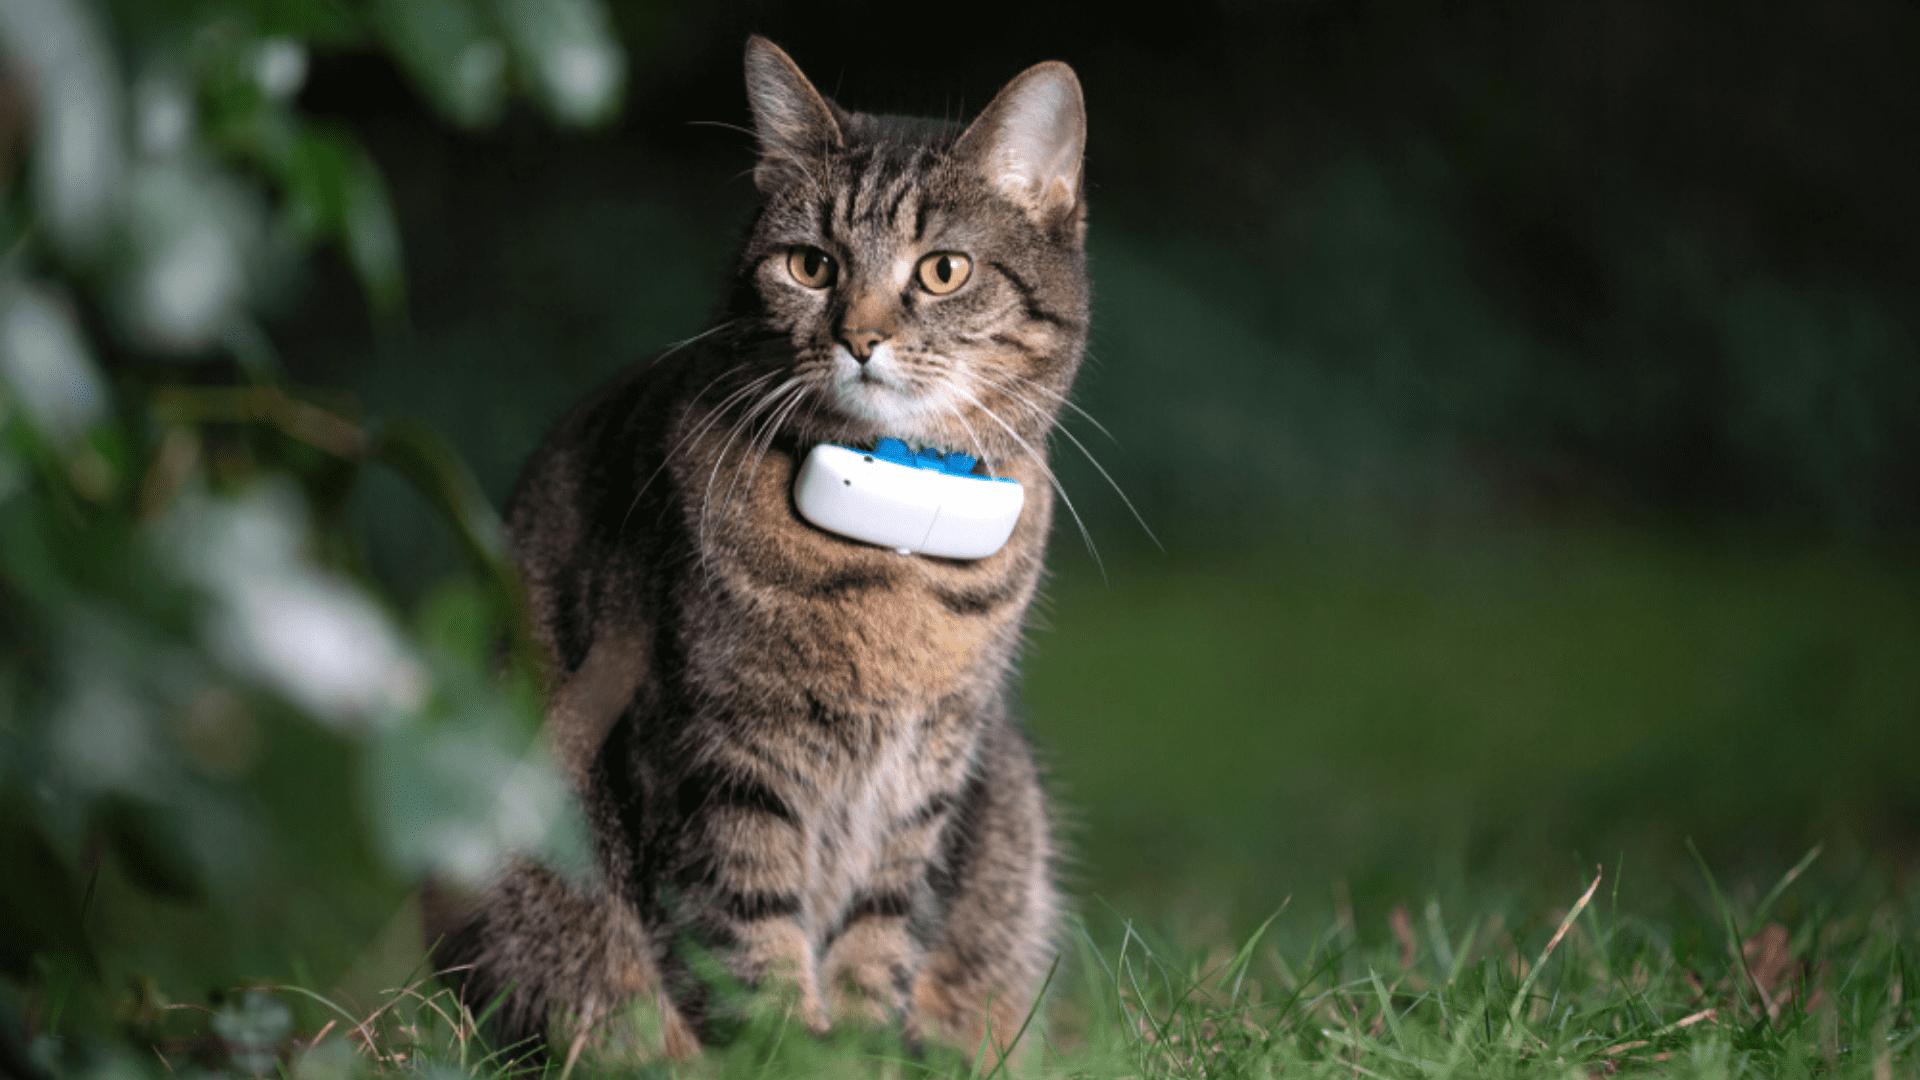 Coleira para gato com GPS (Imagem: Reprodução/Shutterstock)